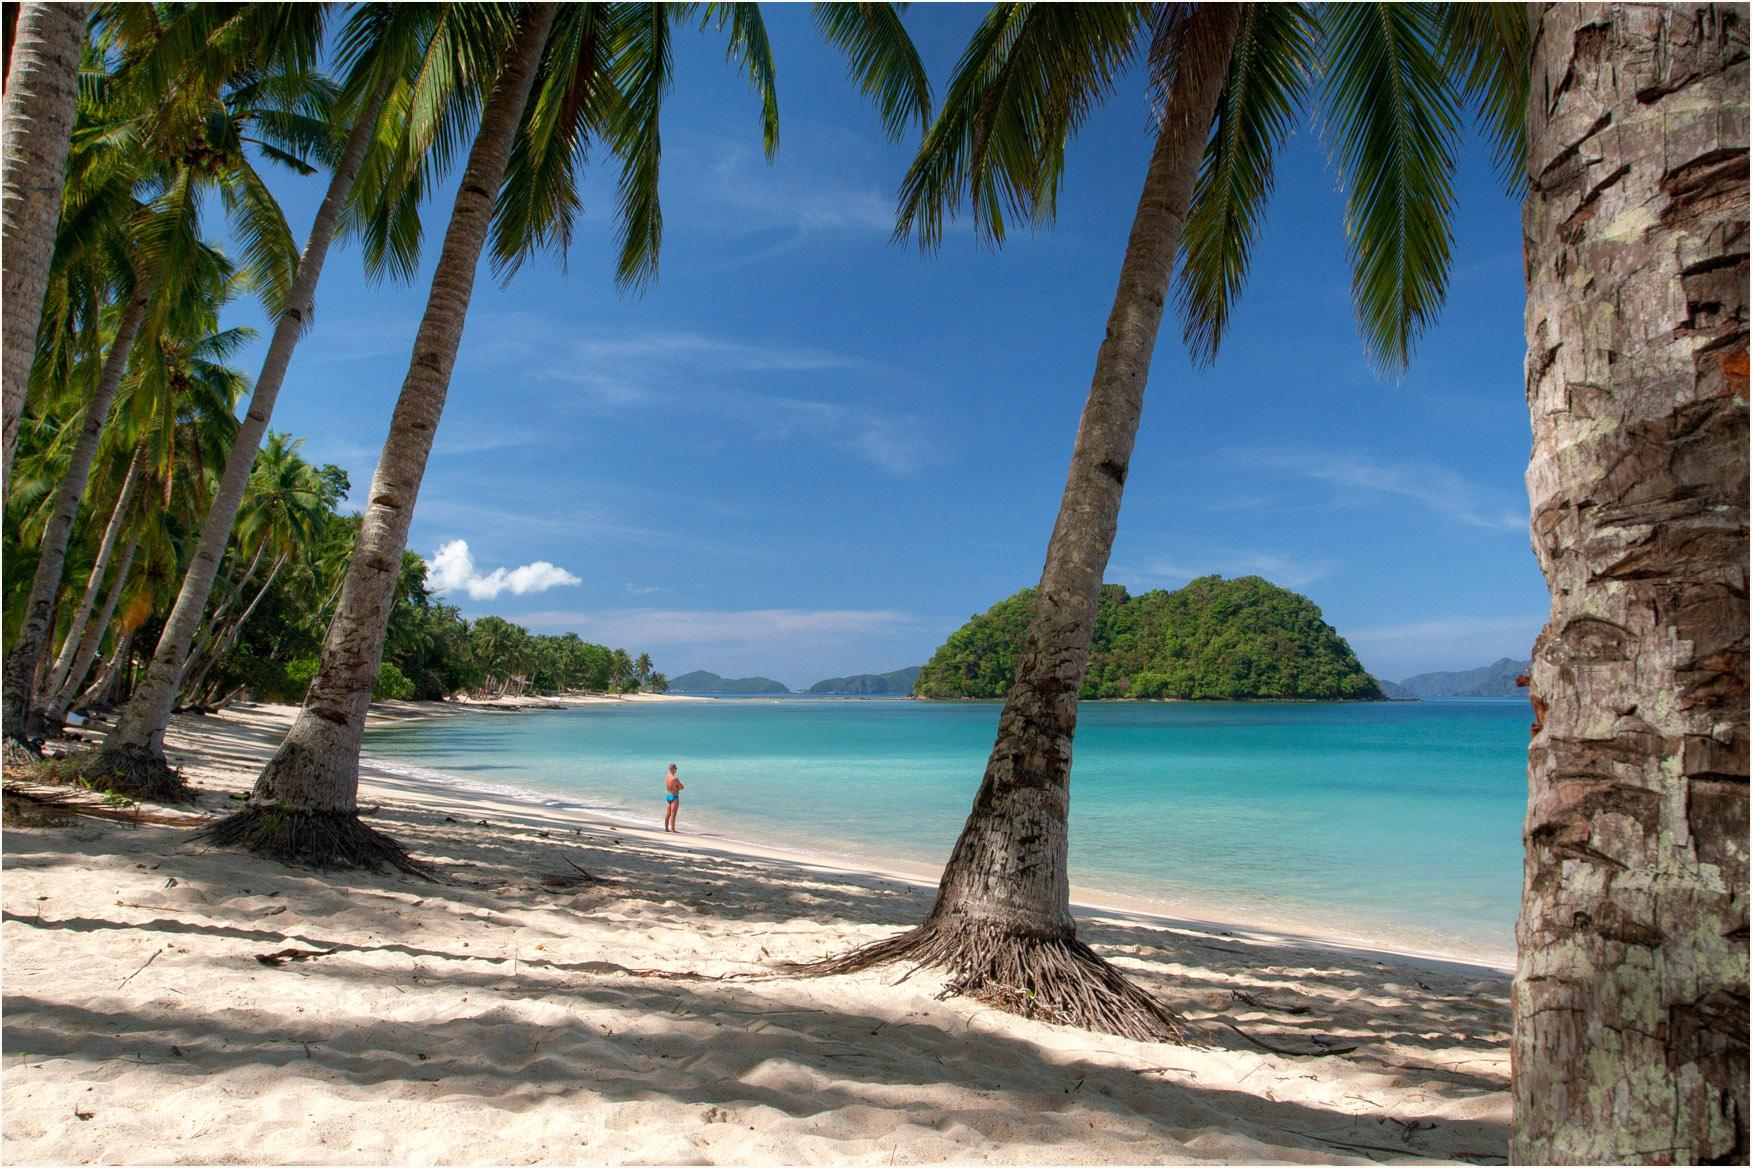 File:Las Cabanas Beach - panoramio (1).jpg - Wikimedia Commons